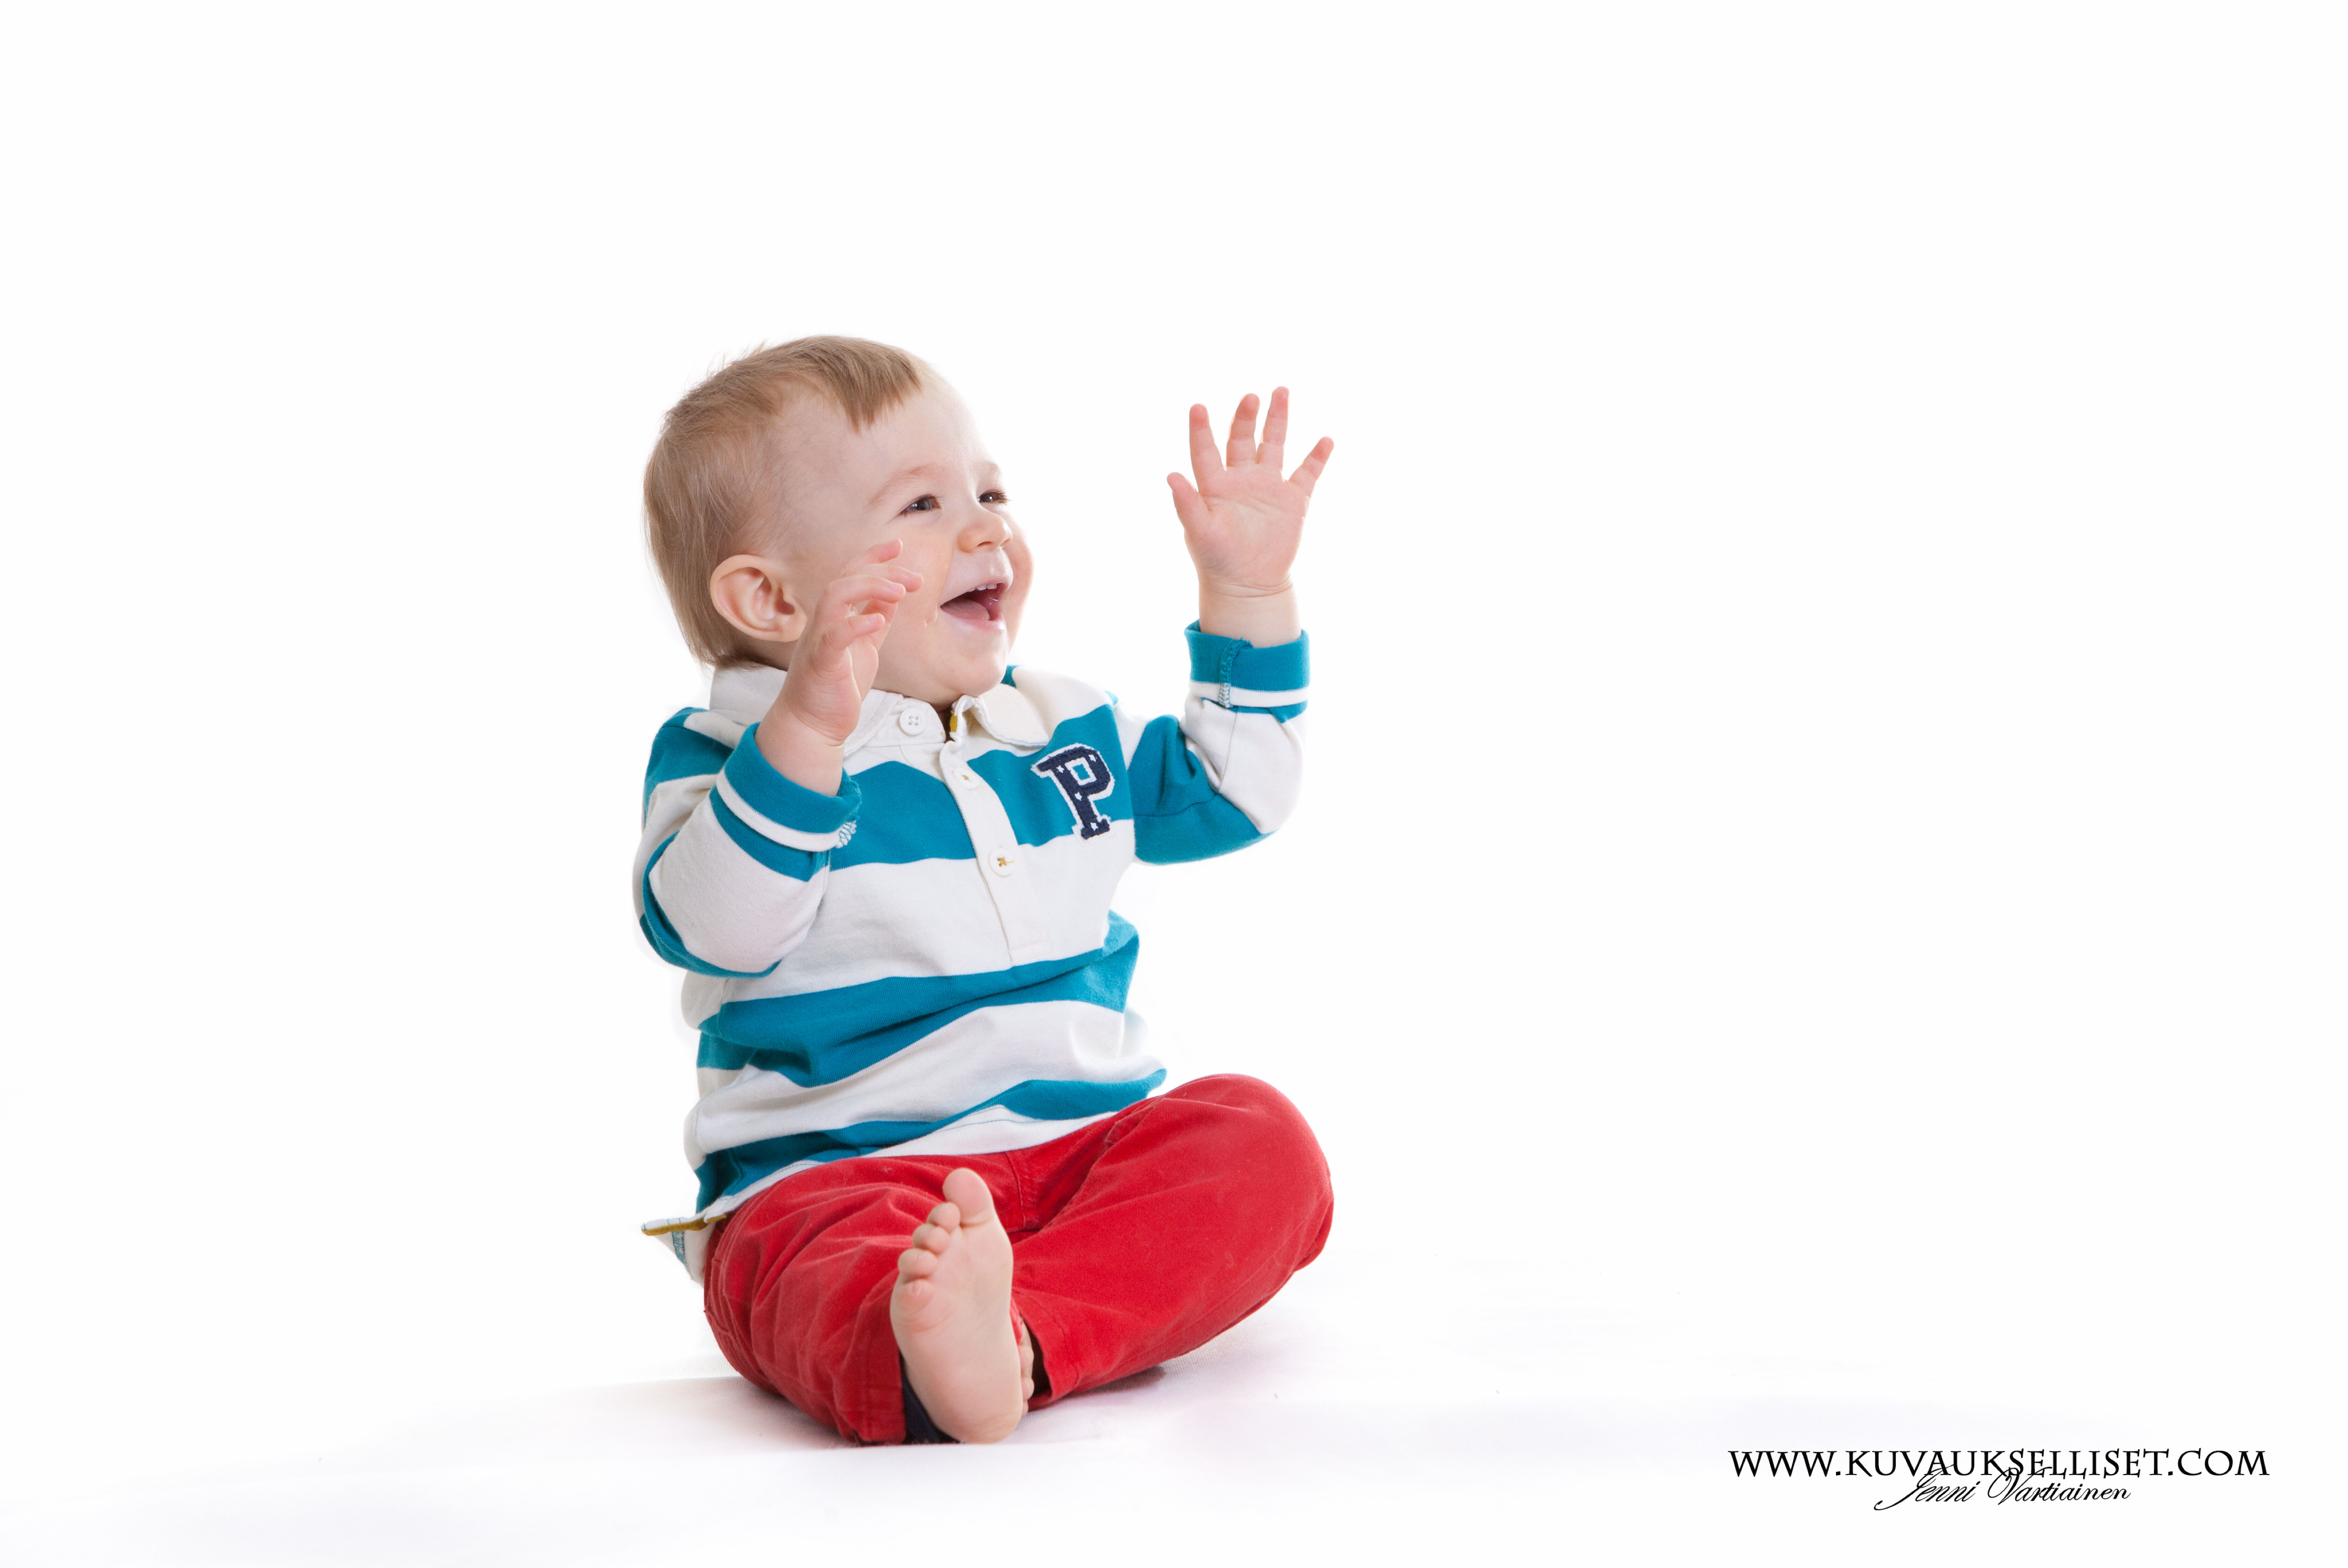 2014.10.6 1-vuotiskuvaus perhekuvaus lapsikuvaus miljöökuvaus perhekuvaus sisaruskuvaus family pictures päiväkotikuvaus-5